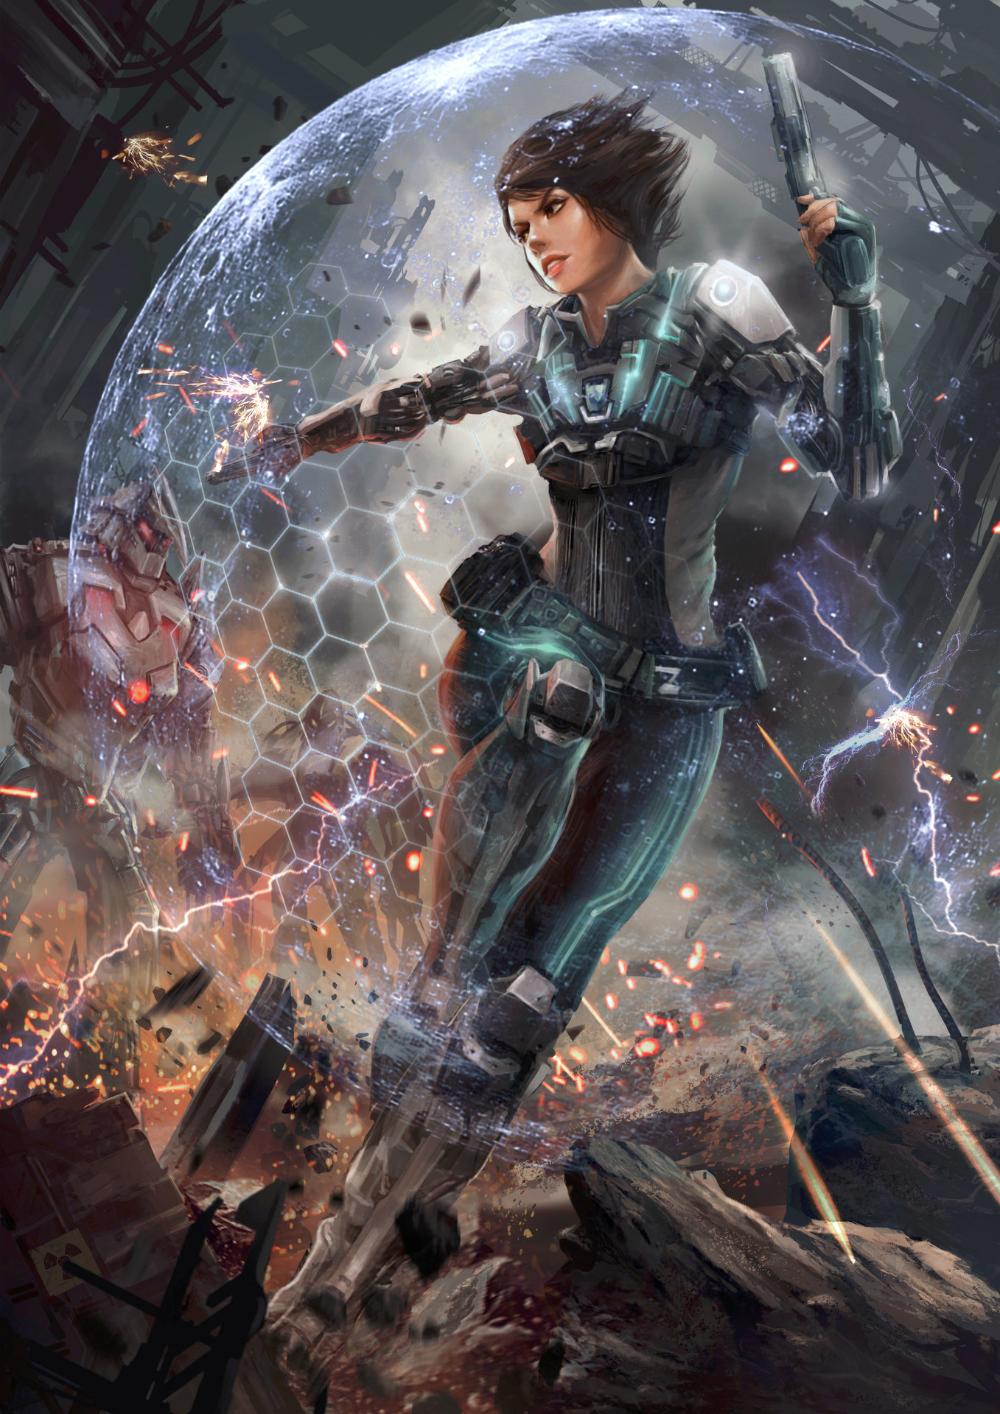 ArtStation - Battle of Steel, Zack Cy